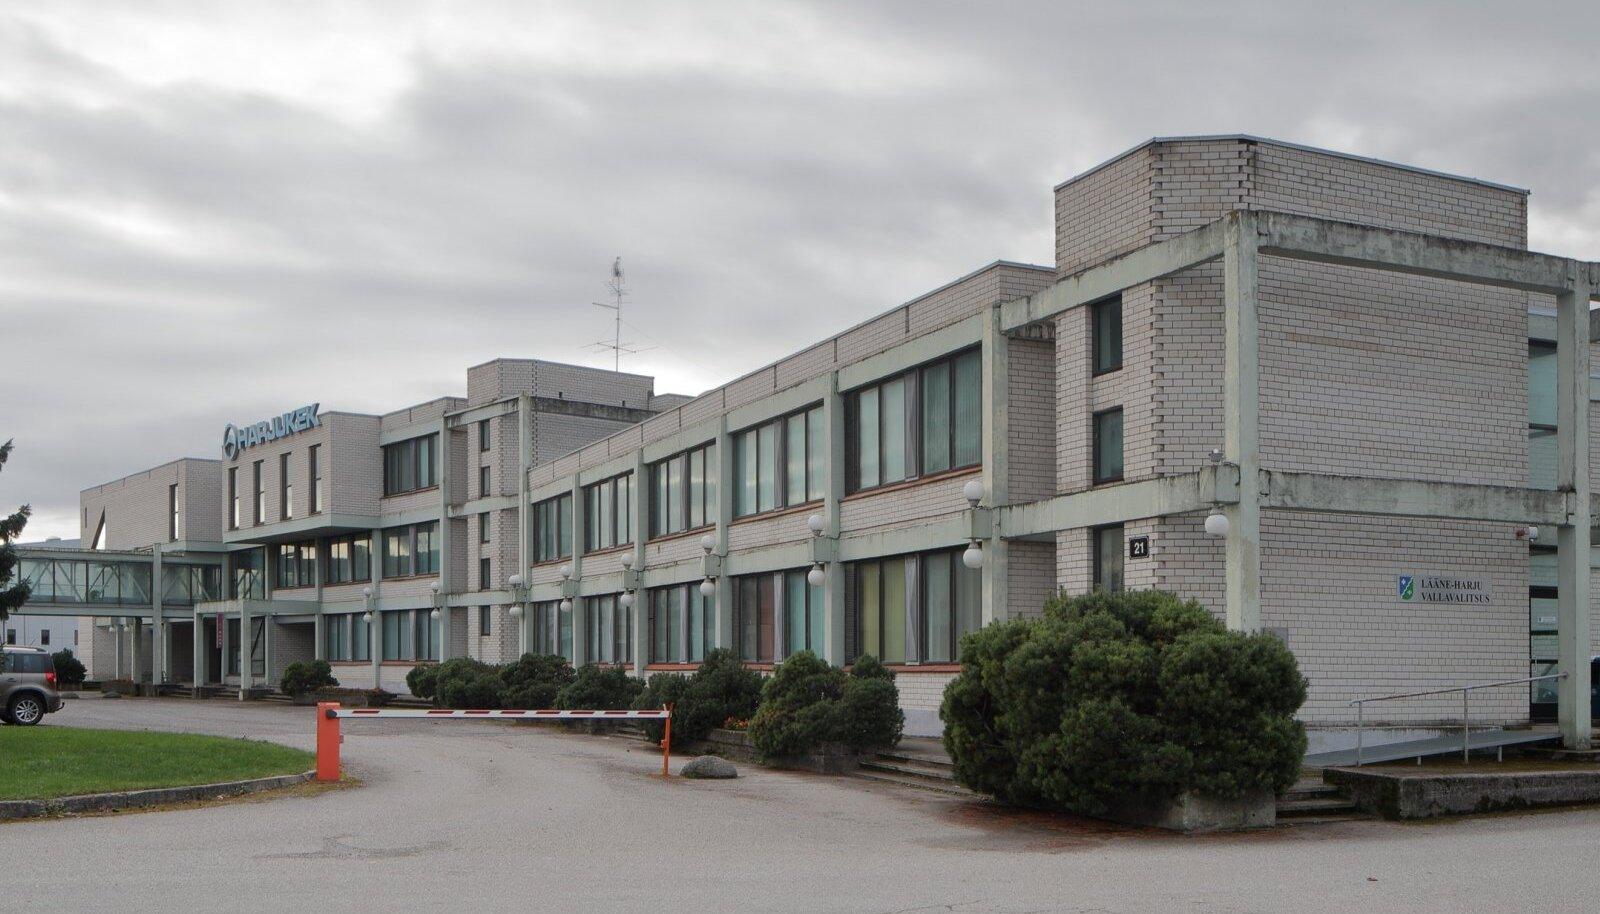 Ain Padriku ja Rein Tominga kavandatud Harju KEKi tehnotalituse hoone Keilas, mis 1985. aastal tunnistati parimaks ehitiseks, ootab nüüd lammutamist.